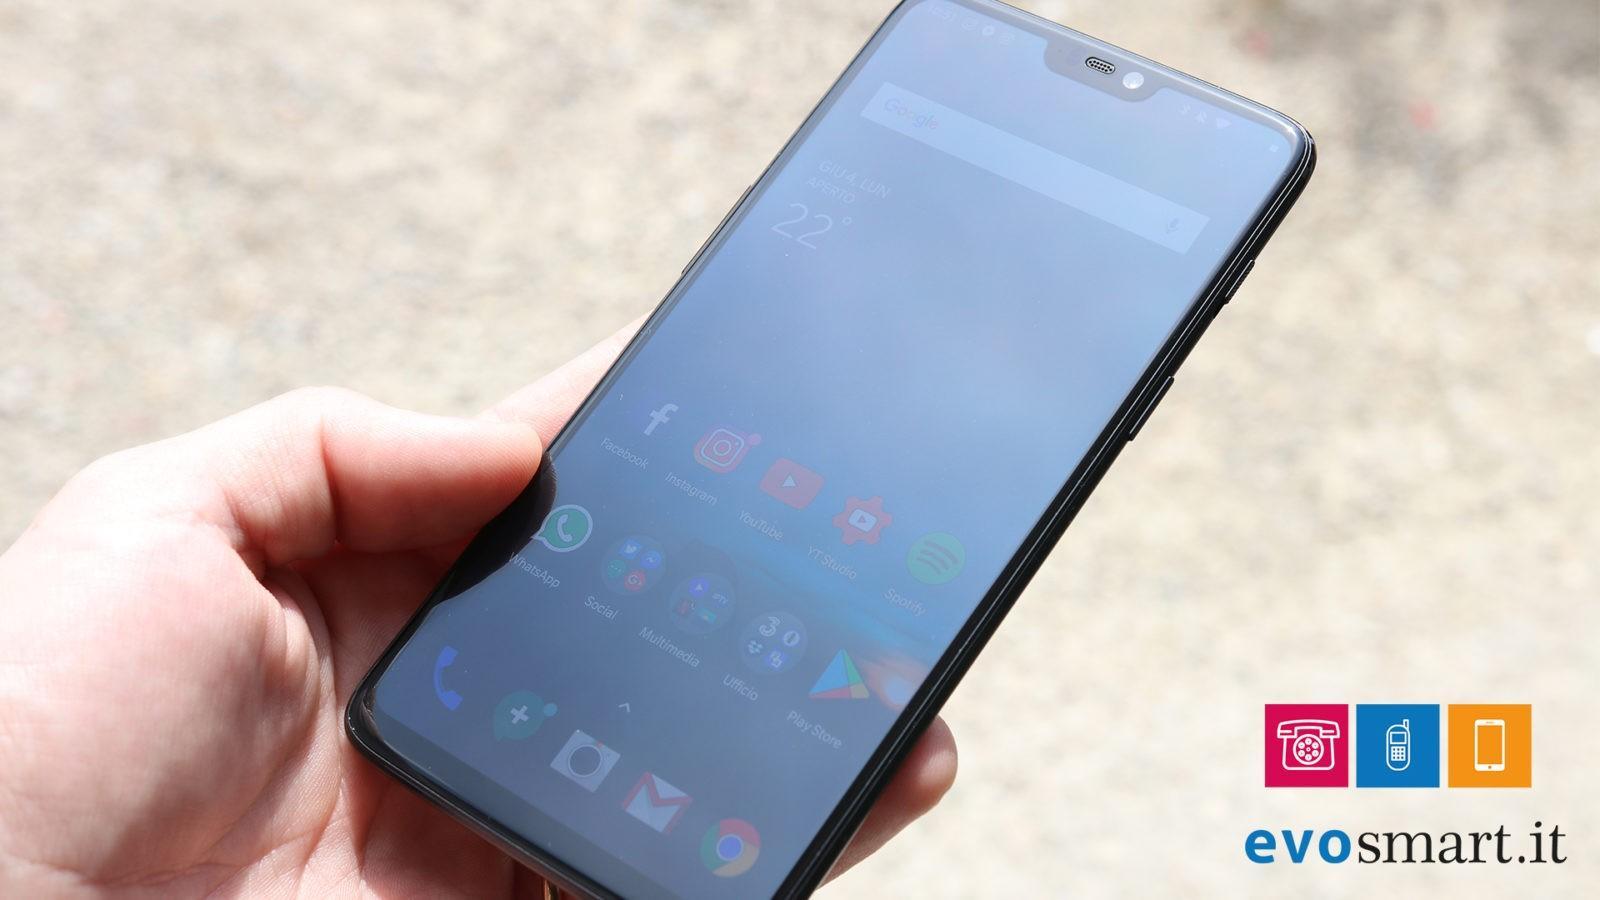 Mi Mix 2 Vs OnePlus 6 Display | Evosmart.it